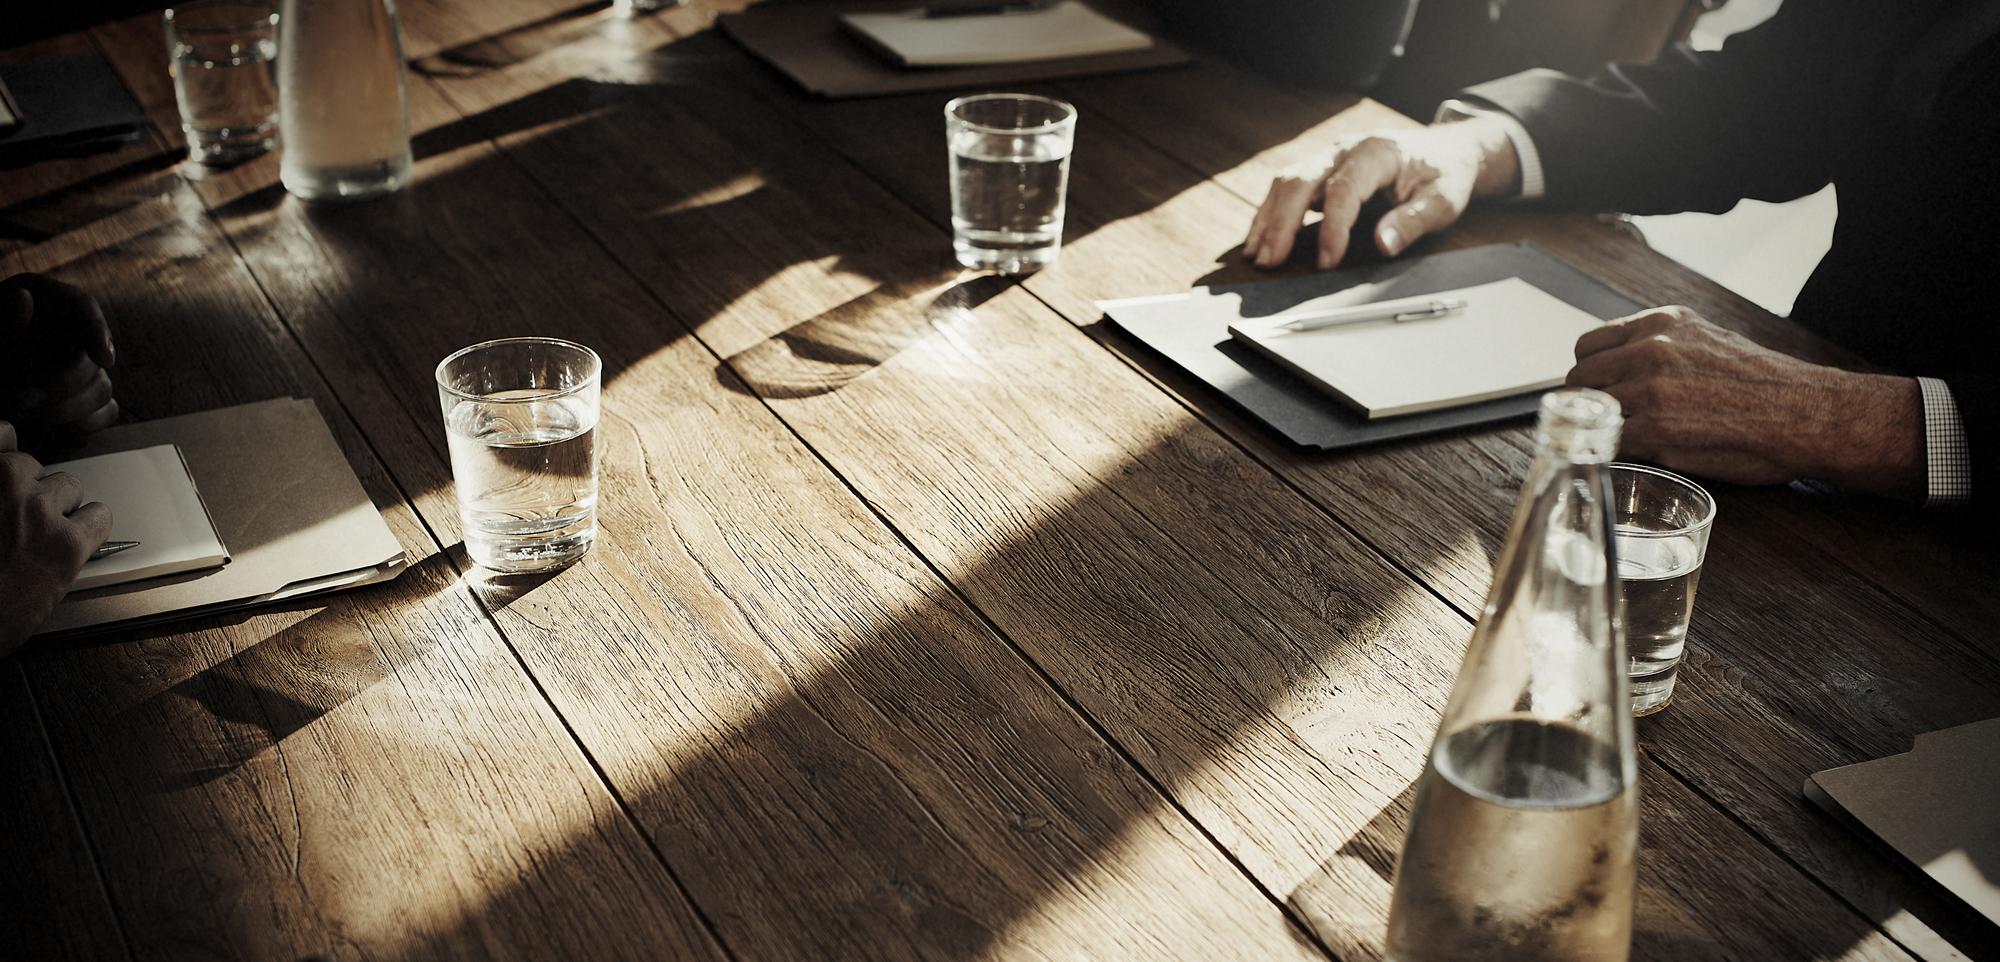 同調圧力とは何か 意味とビジネス上での実例を交えて詳しく解説